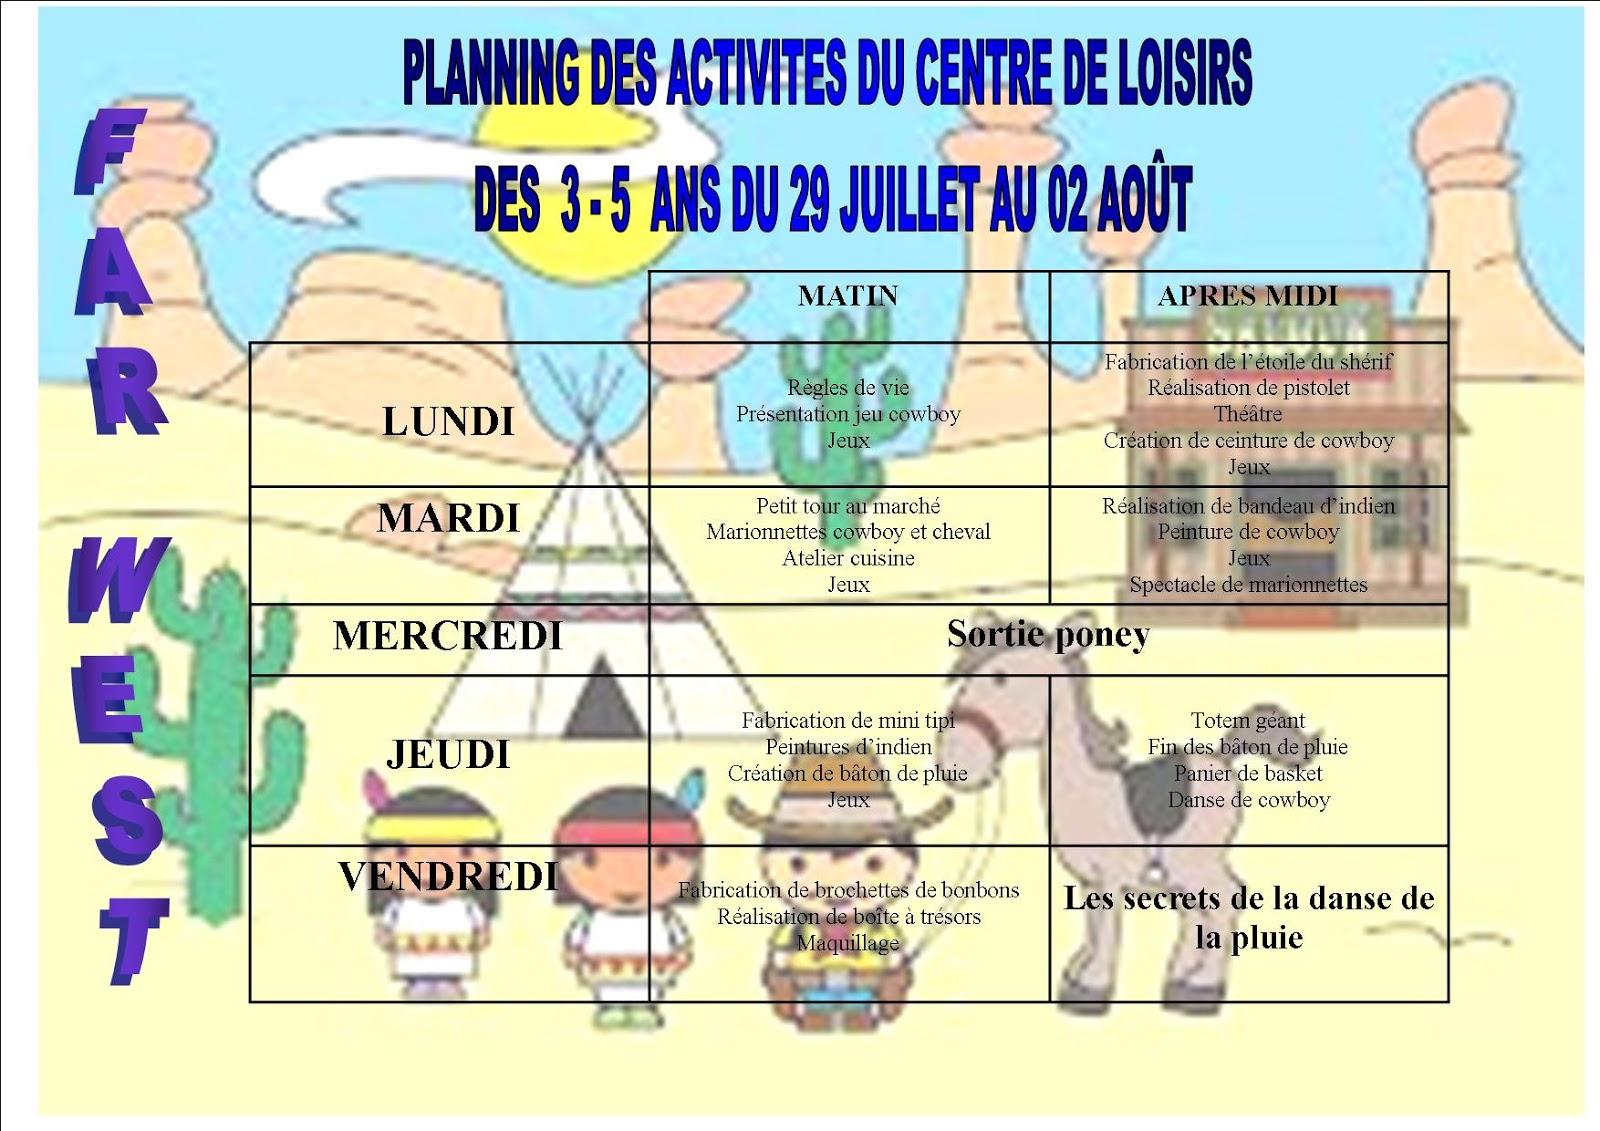 le centre de loisirs d 39 yerville planning des activit s des 3 5 ans du 29 juillet au 02 ao t. Black Bedroom Furniture Sets. Home Design Ideas